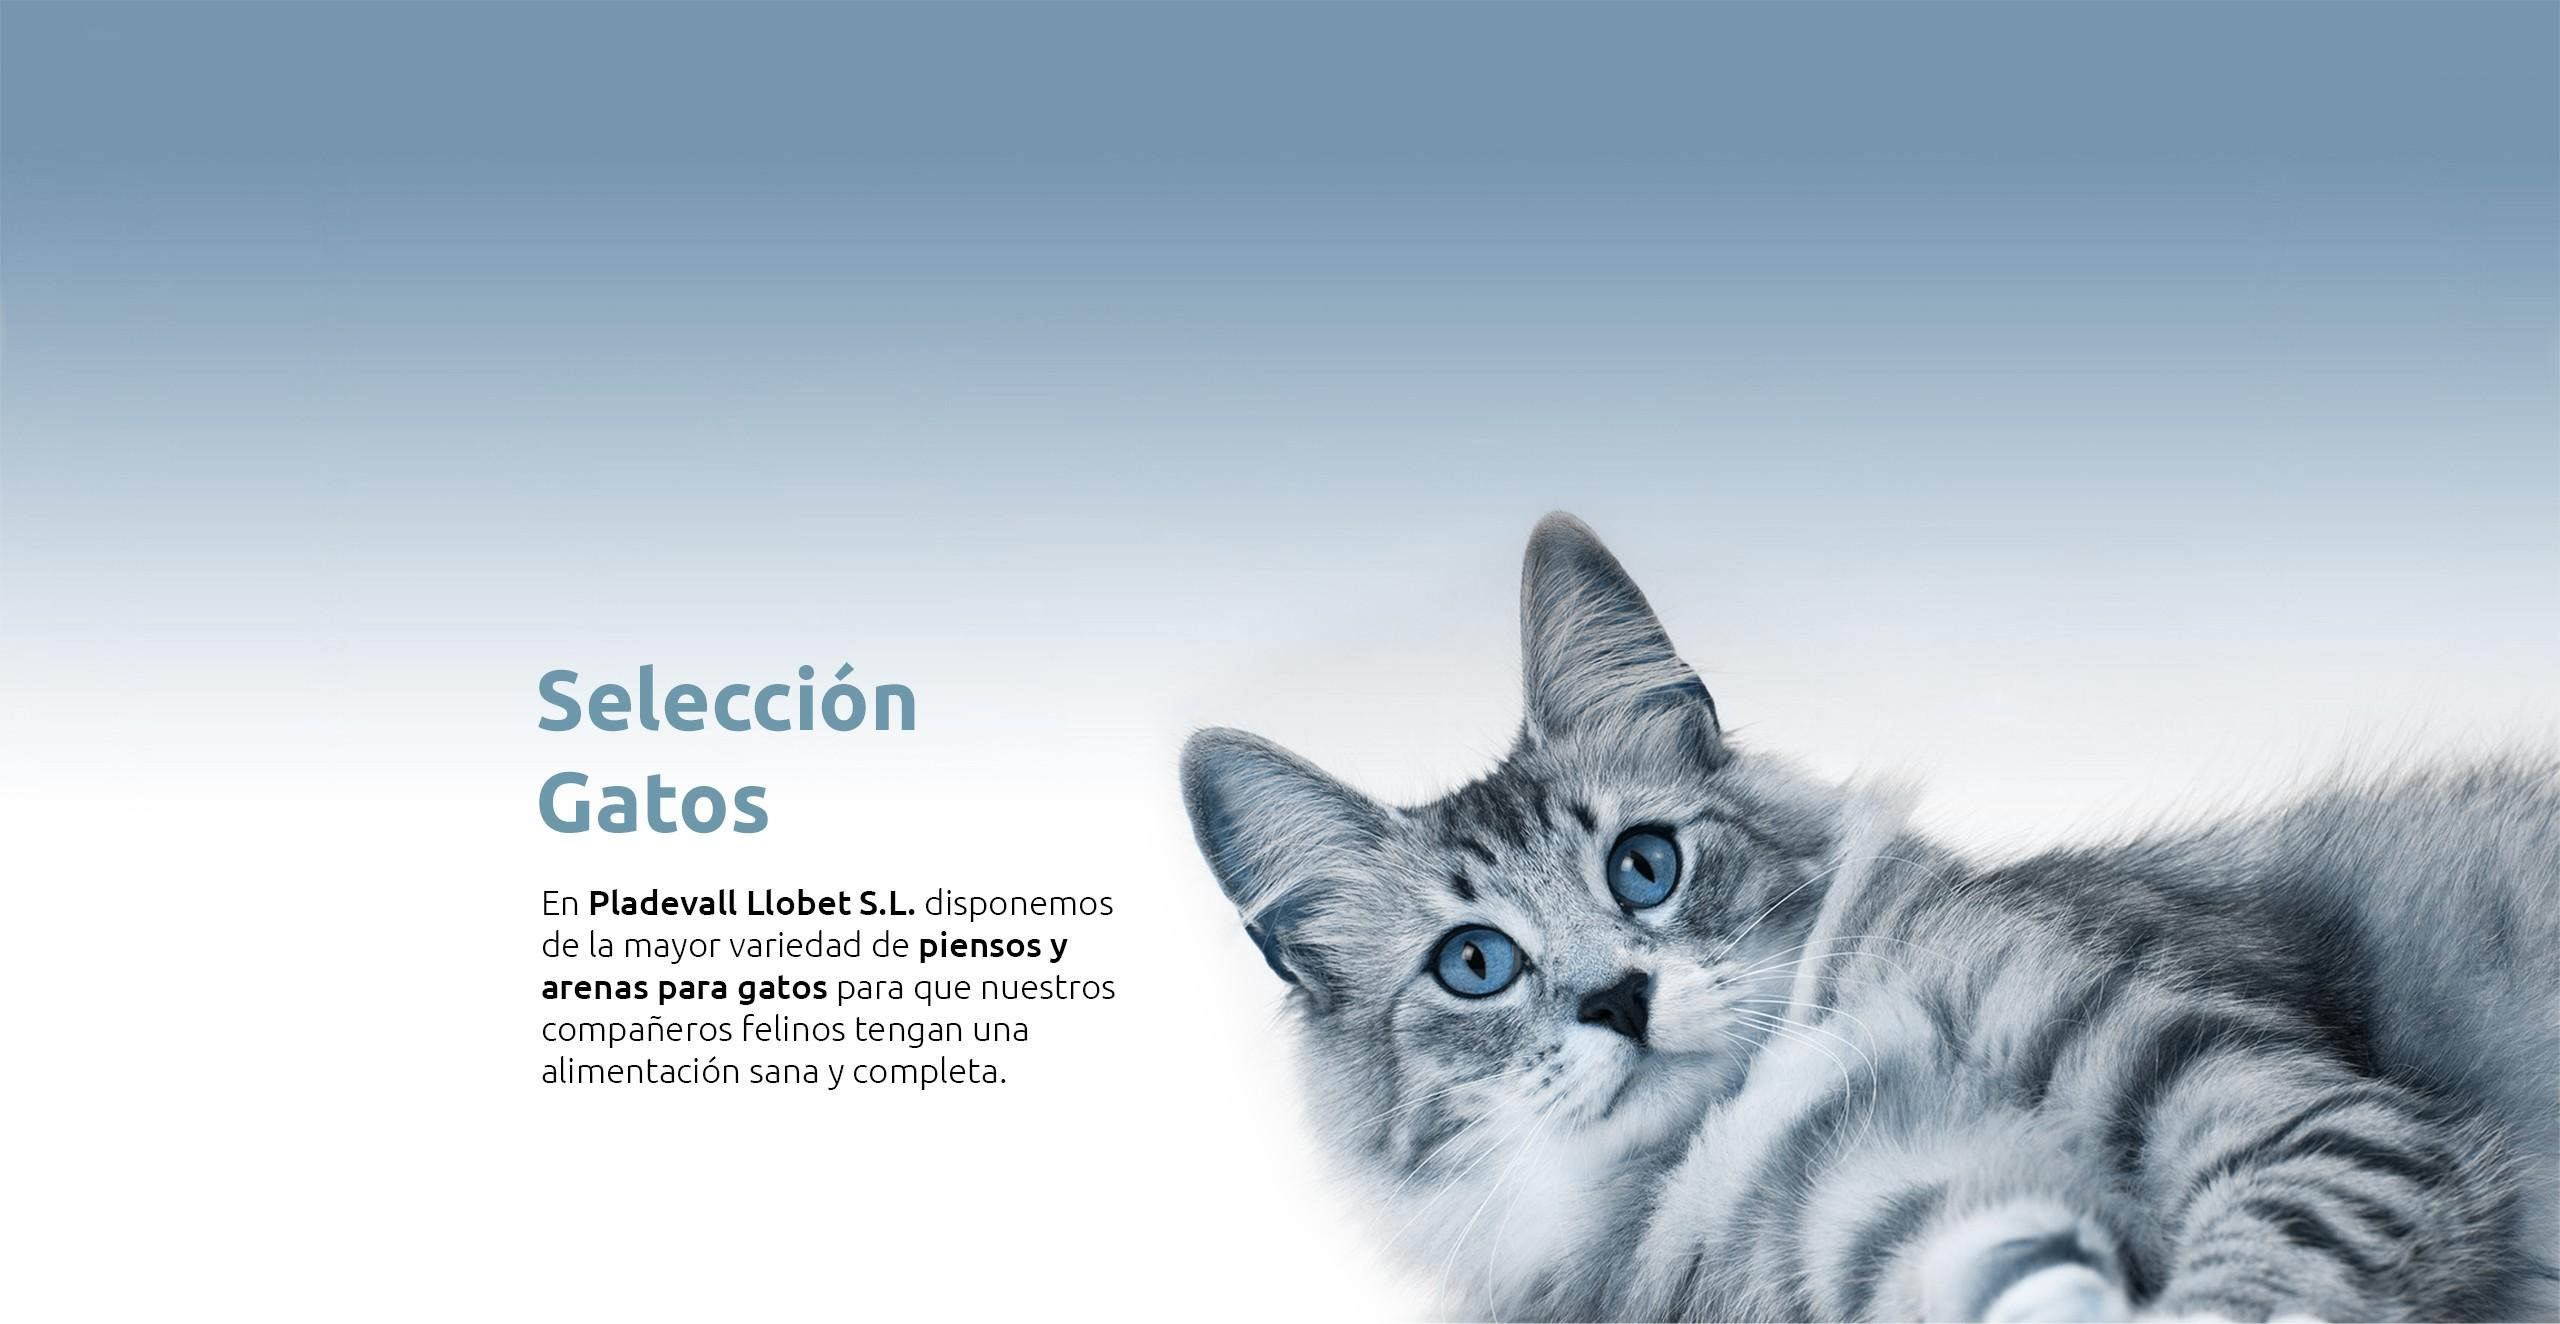 Selección gatos